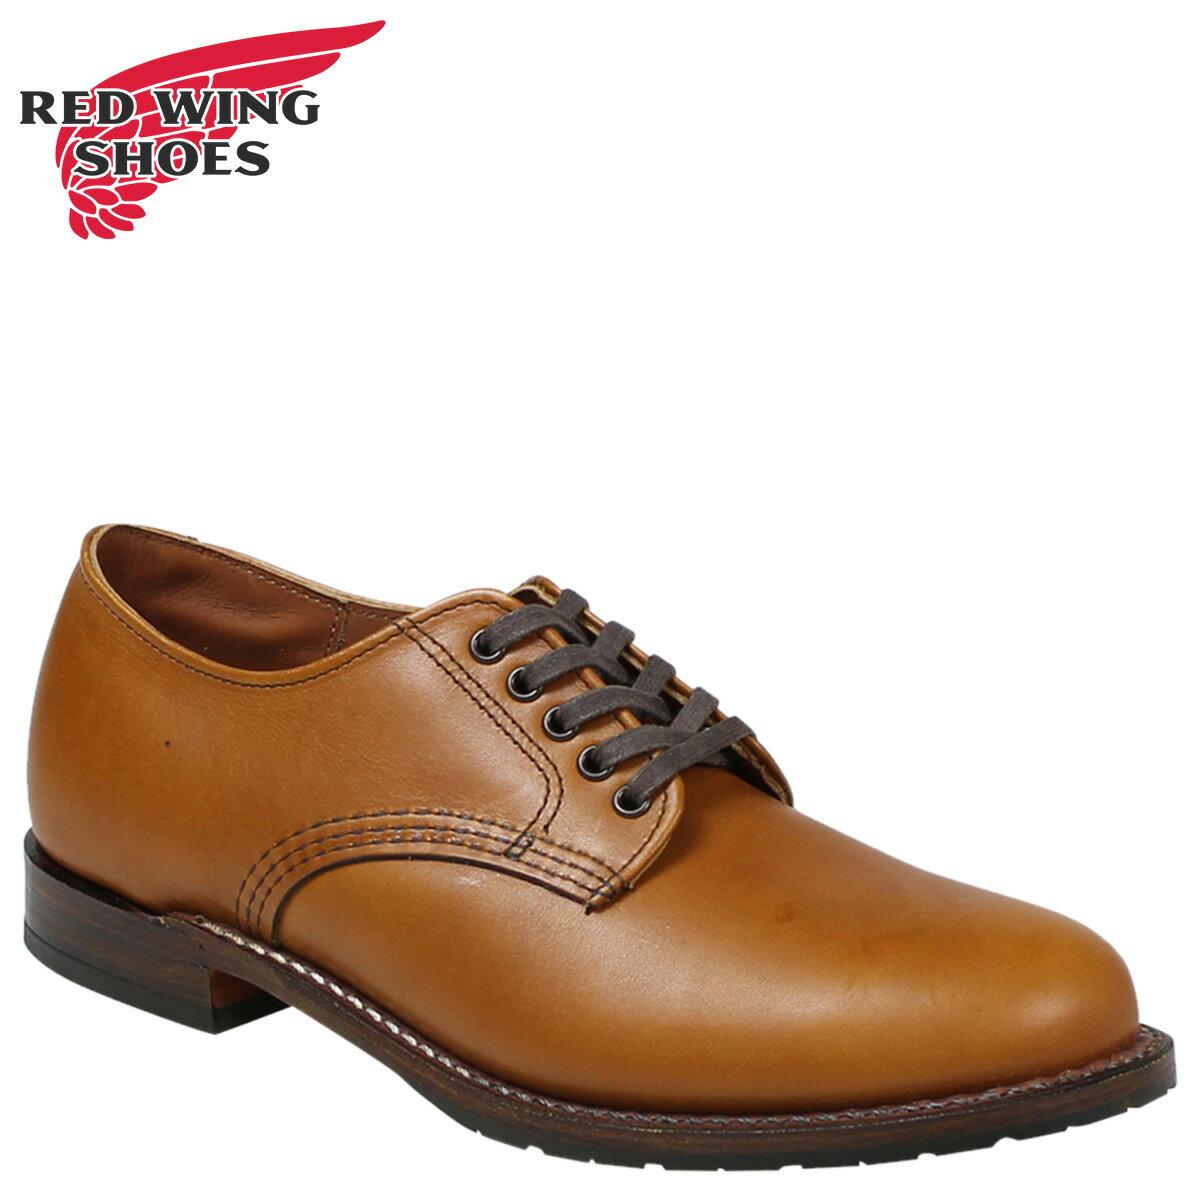 レッドウィング RED WING ベックマン オックスフォード シューズ  BECKMAN OXFORD  Dワイズ  9044 レッドウイング あす楽